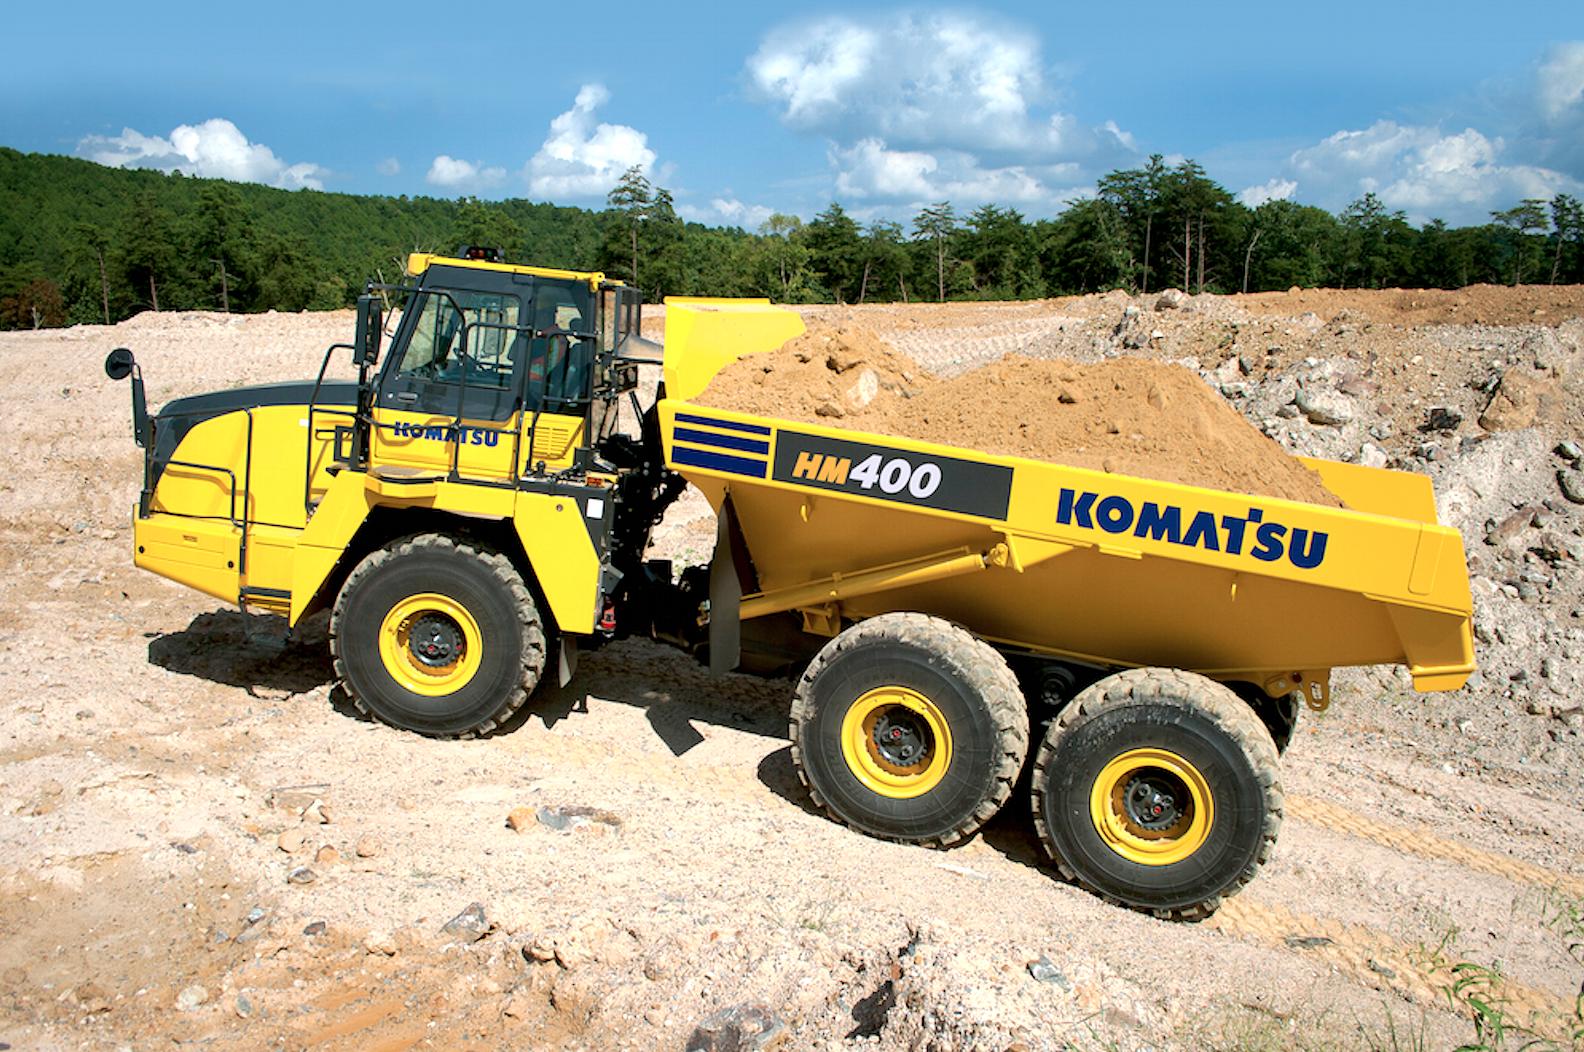 Komatsu Hm400 5 Articulated Dump Truck